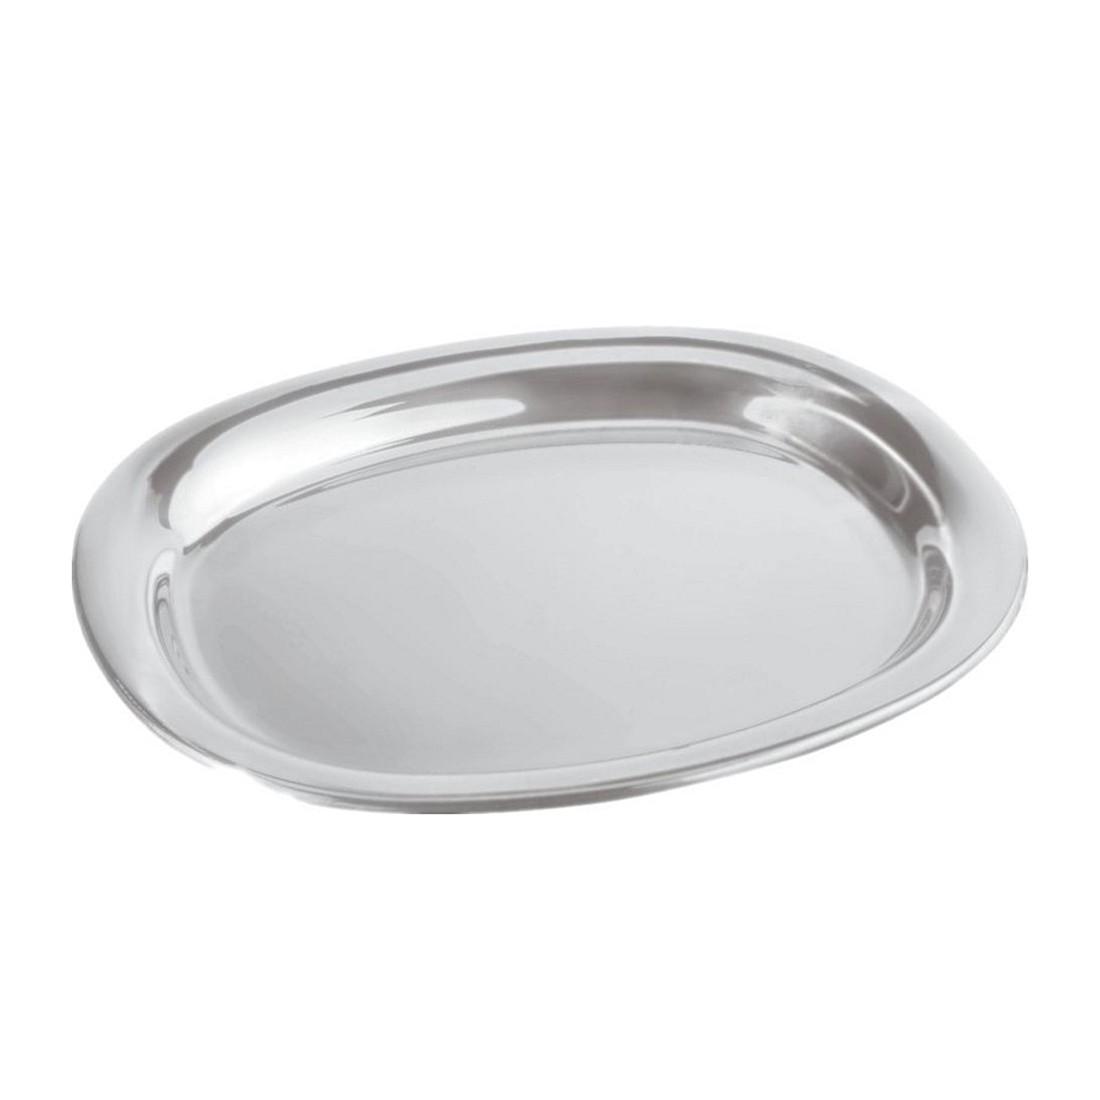 Servierplatte – glänzend poliert/42 x 35 cm, Alessi online bestellen